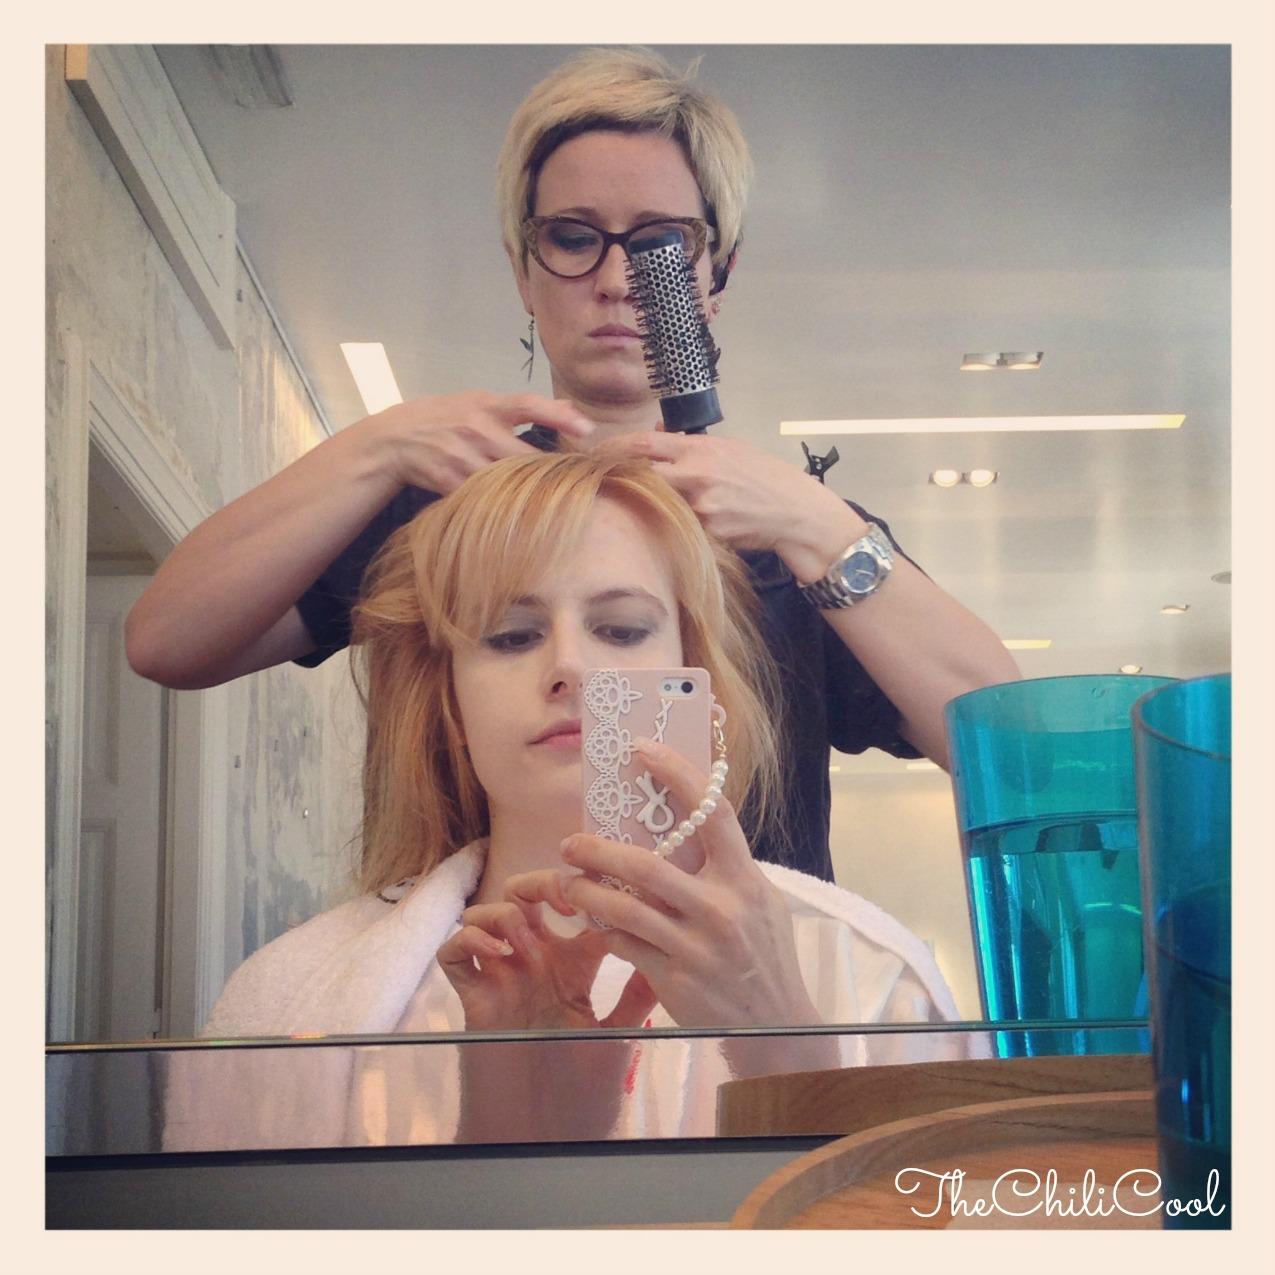 Appuntamento con la bellezza: live chat con Goran Viler, tempio dell'hairstyling